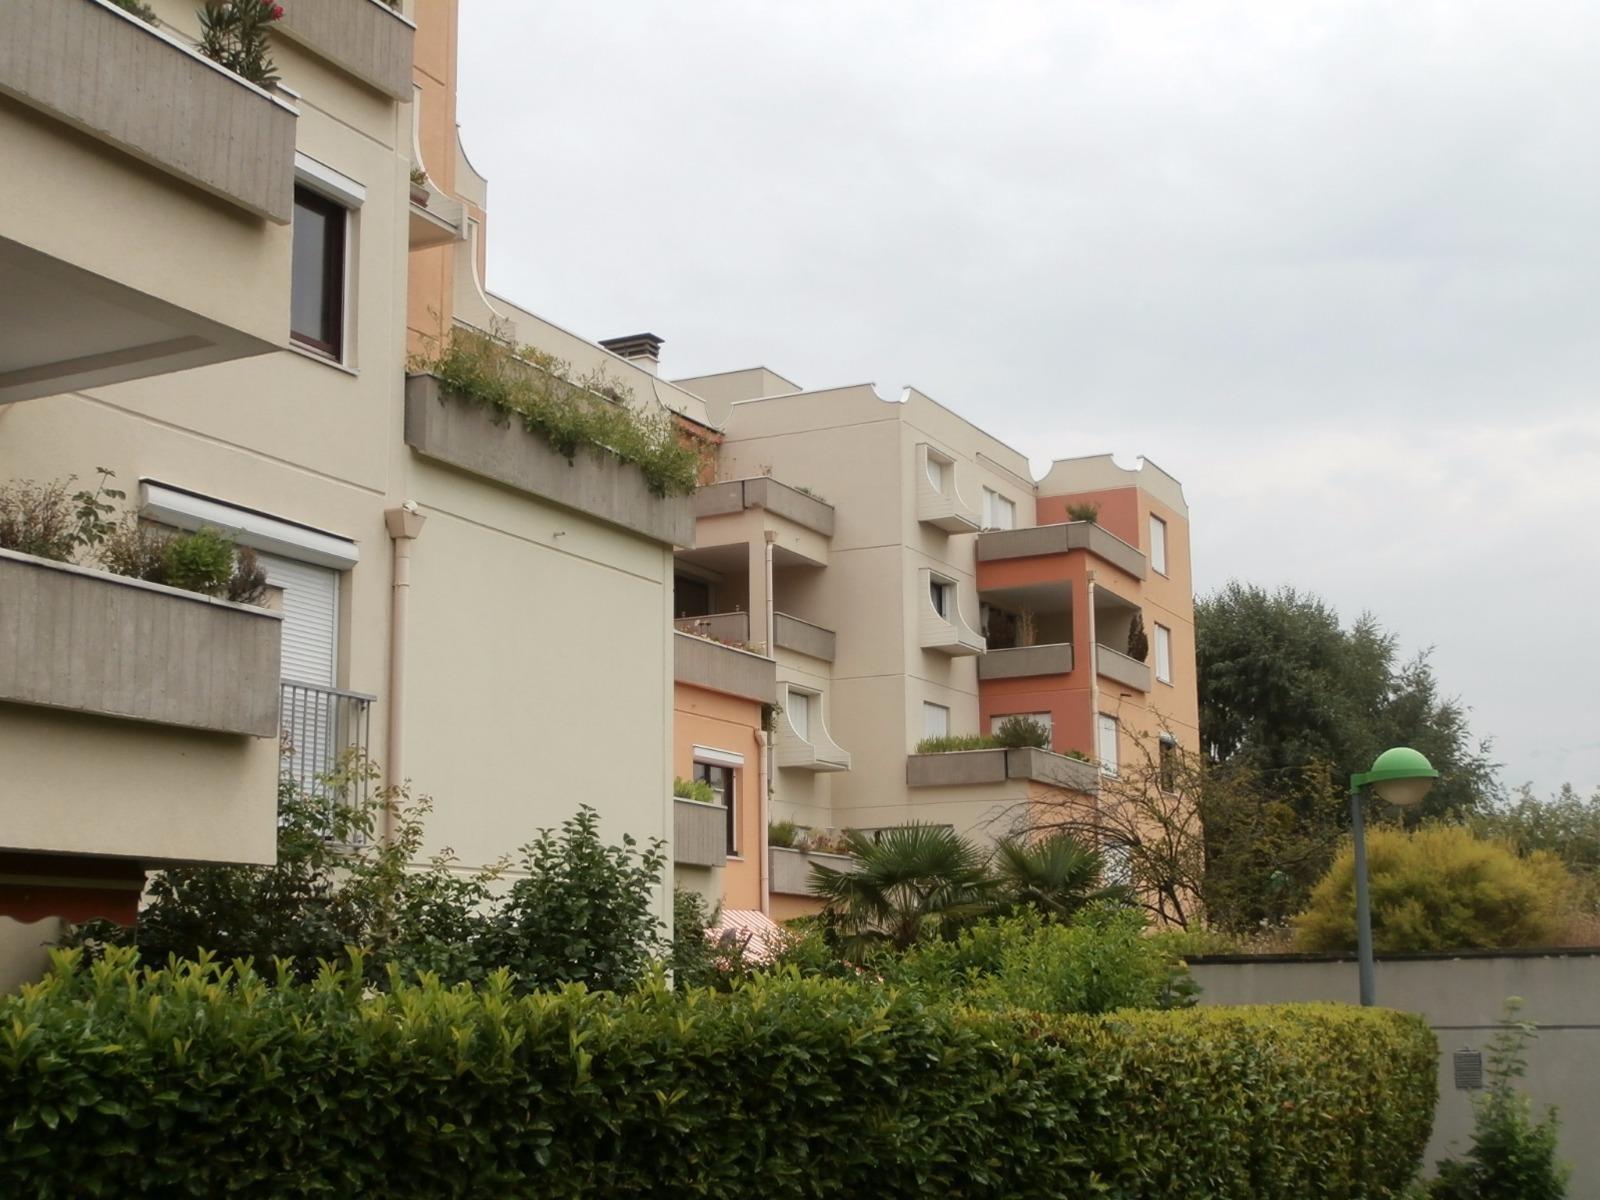 SEYSSINET PARISET, T1 Bis Meublé + terrasse